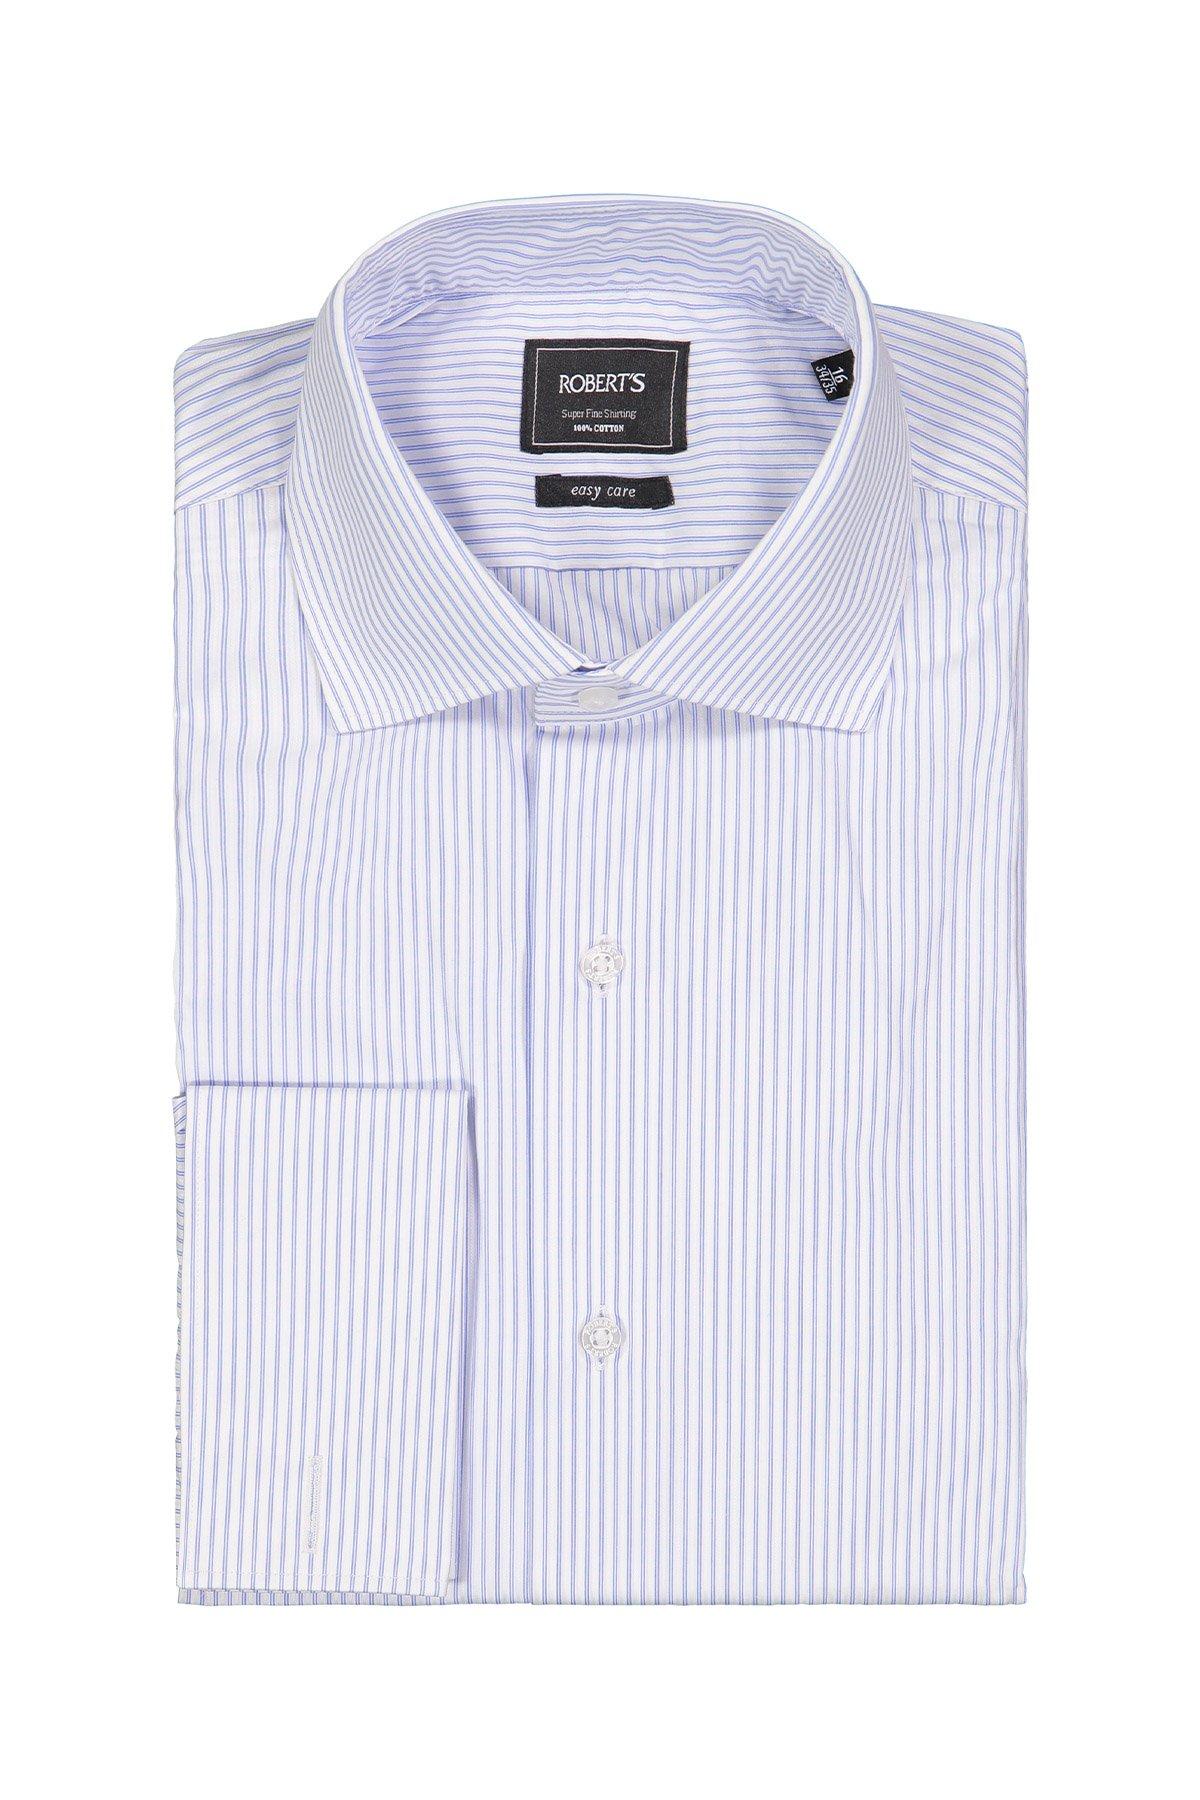 Camisa Robert´s, Easy Care, blanca con rayas celestes, puño doble.